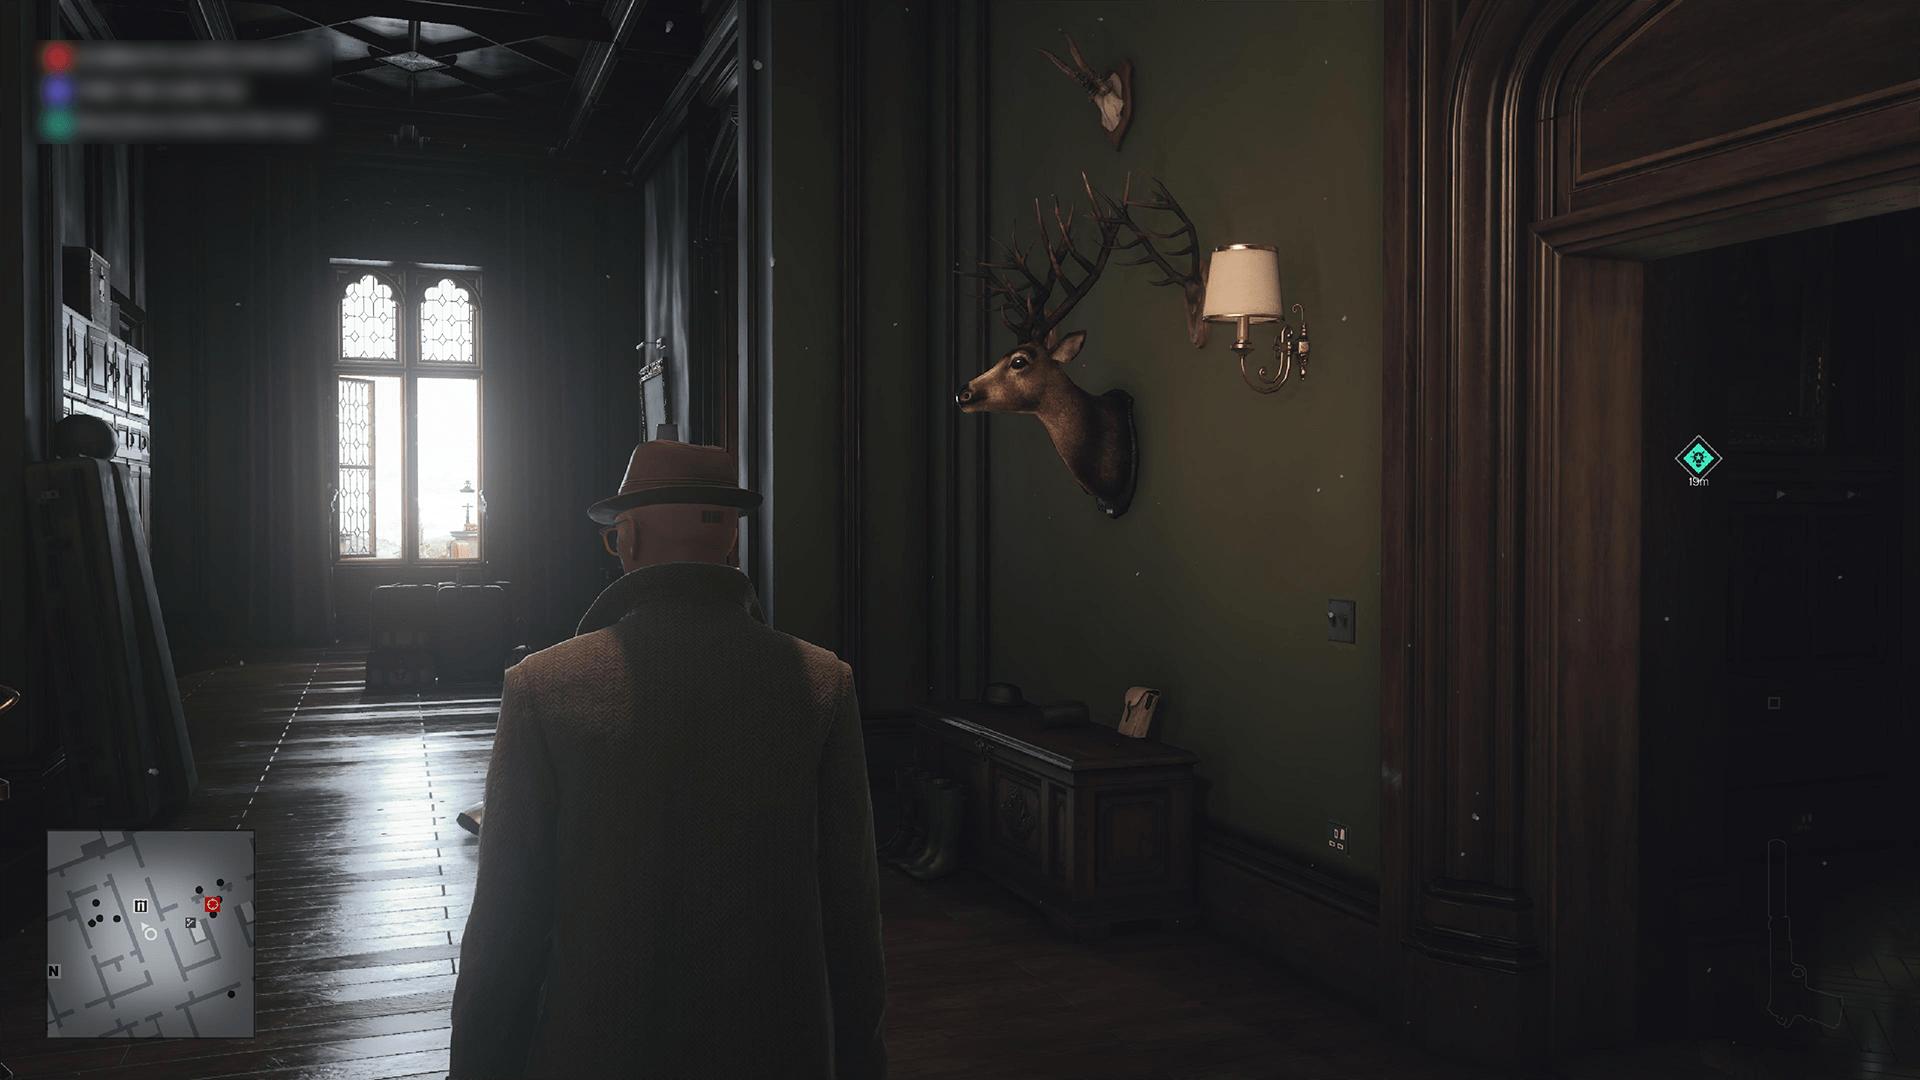 Detective 47